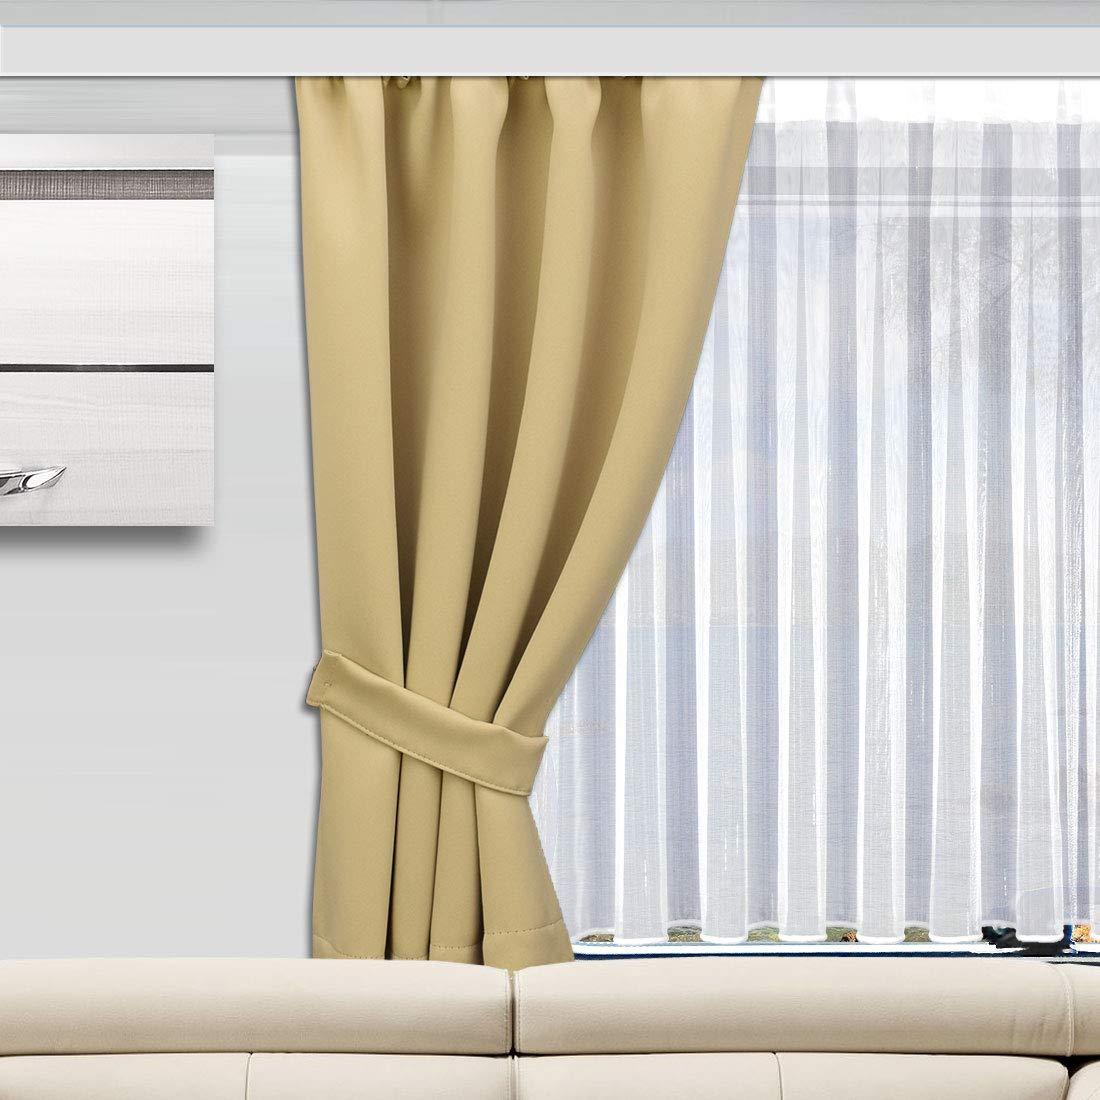 SeGaTeX home fashion Wohnmobil Caravan-Vorhang Mattis beige Verdunklungsdeko Wohnwagengardine mit Reihband H/öhe /& Breite nach Ma/ß